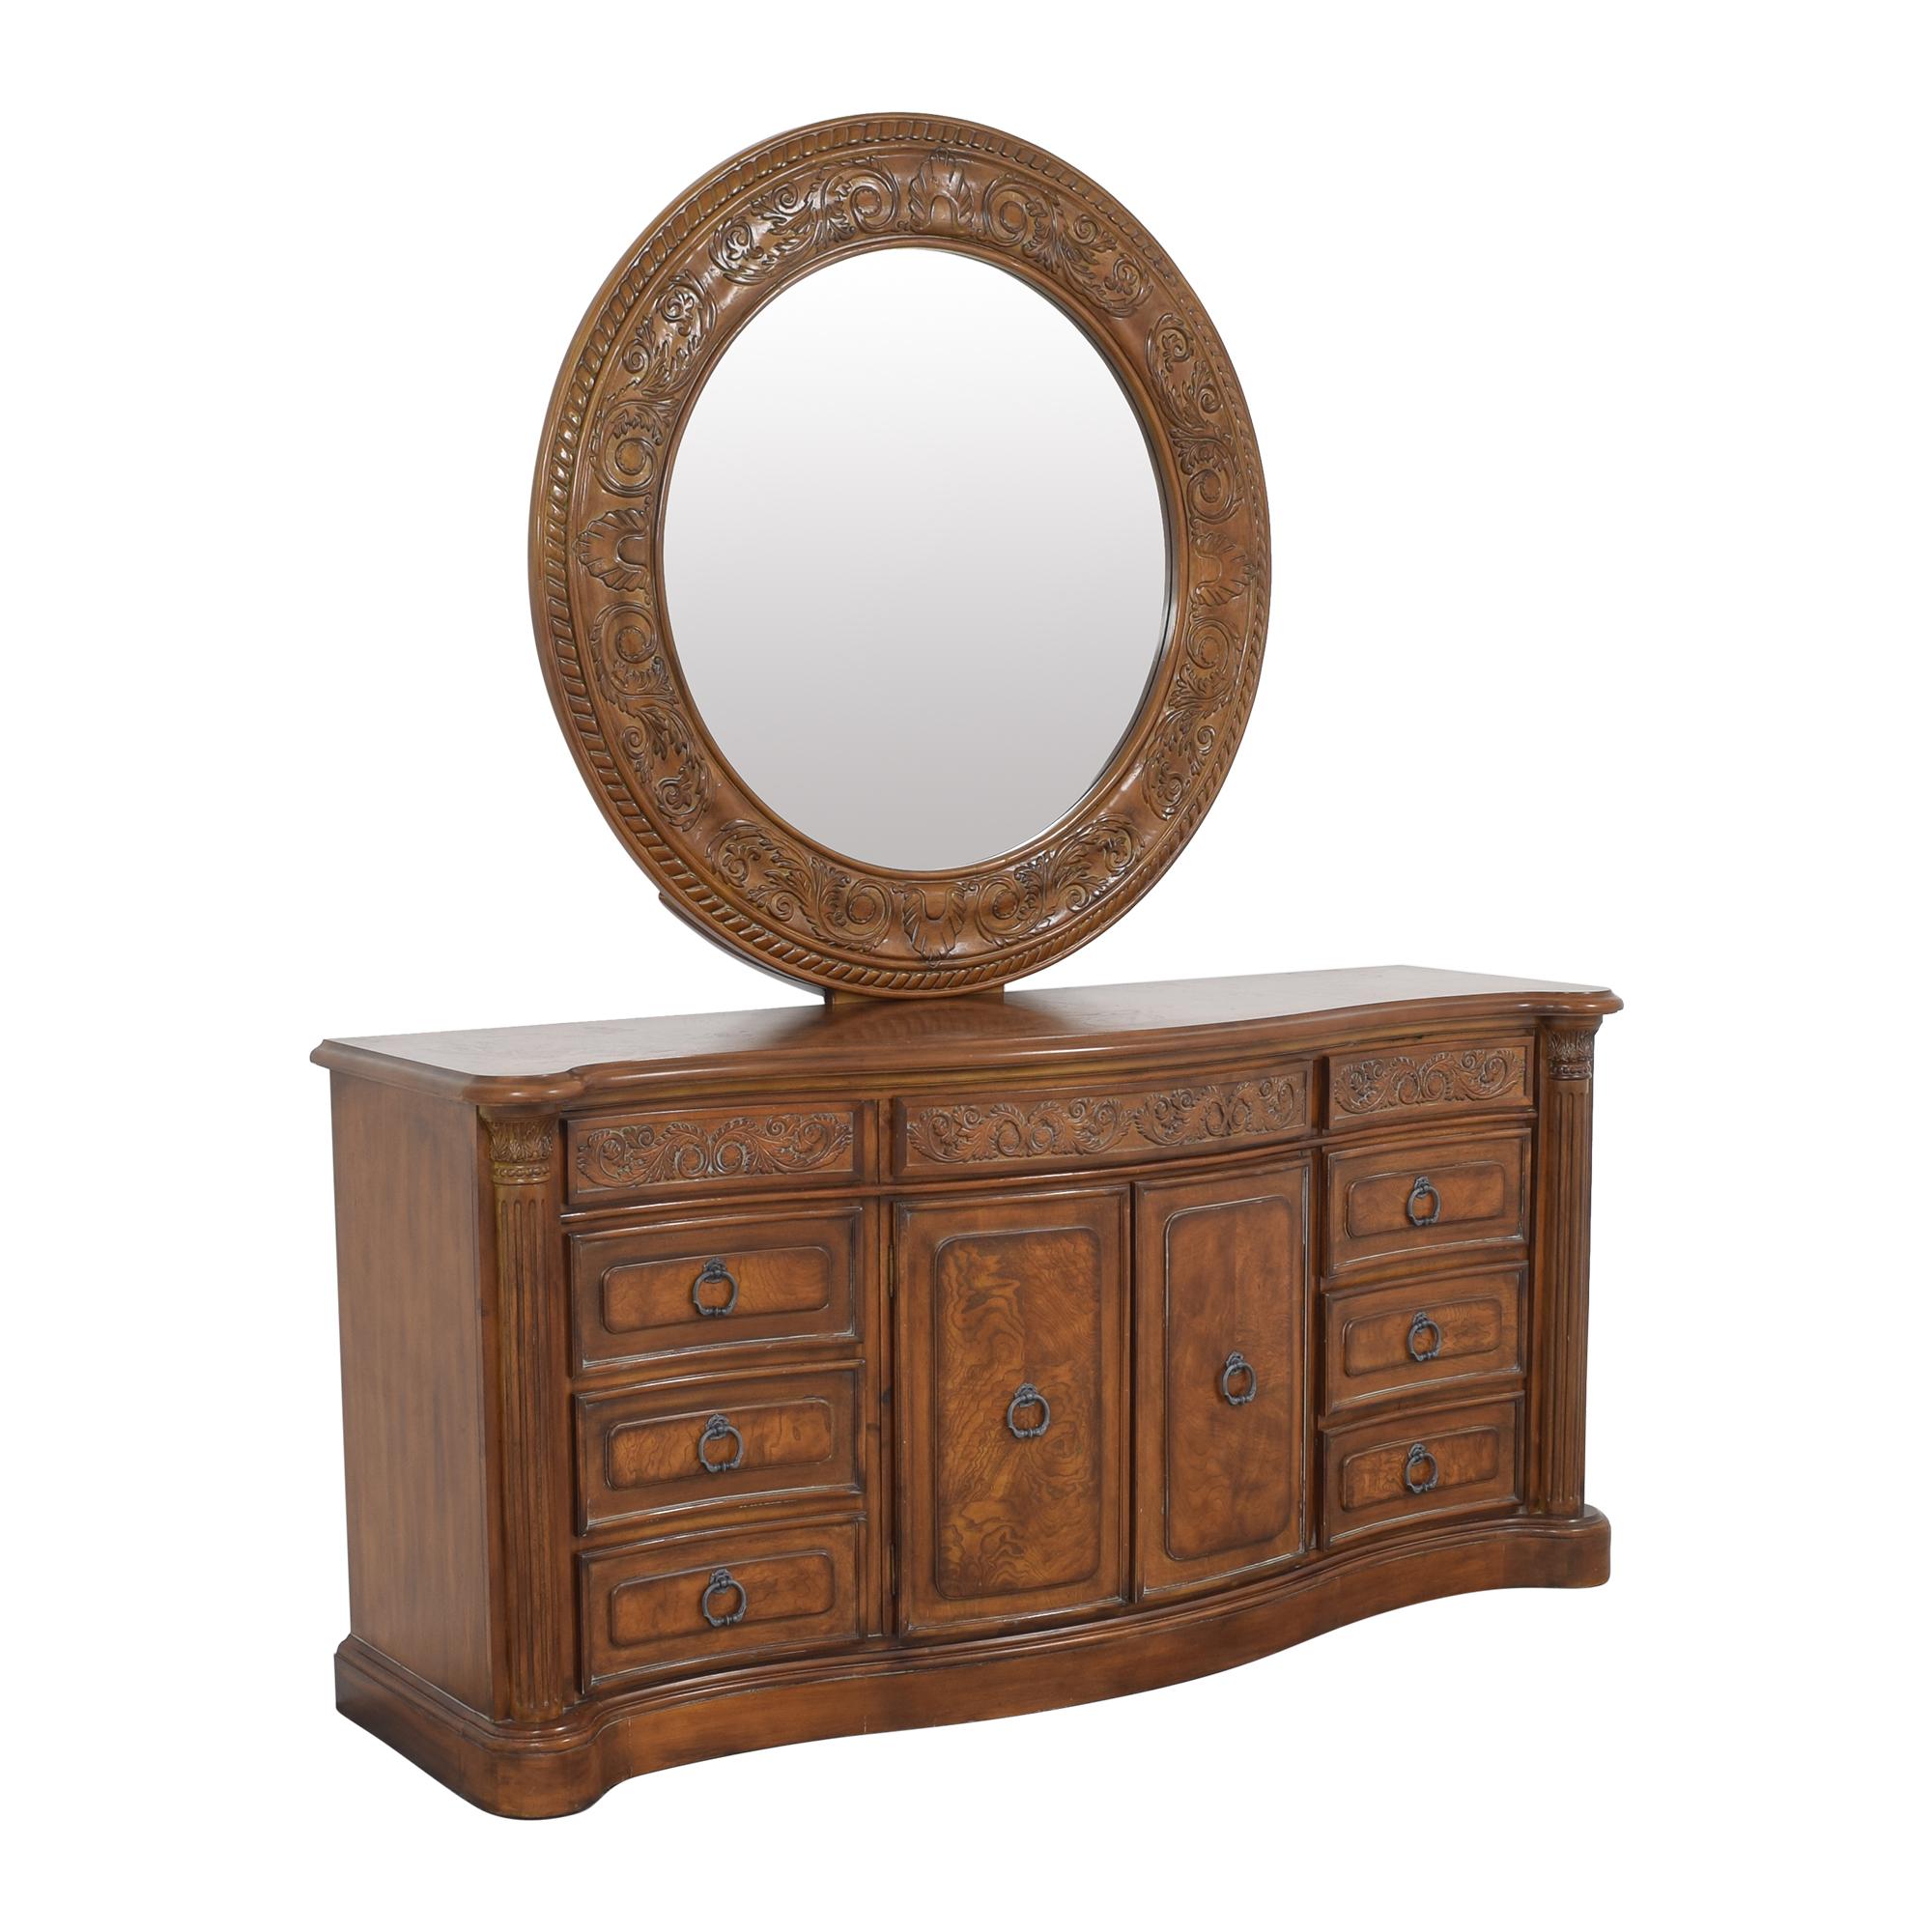 Collezione Europa Dresser with Oval Mirror sale